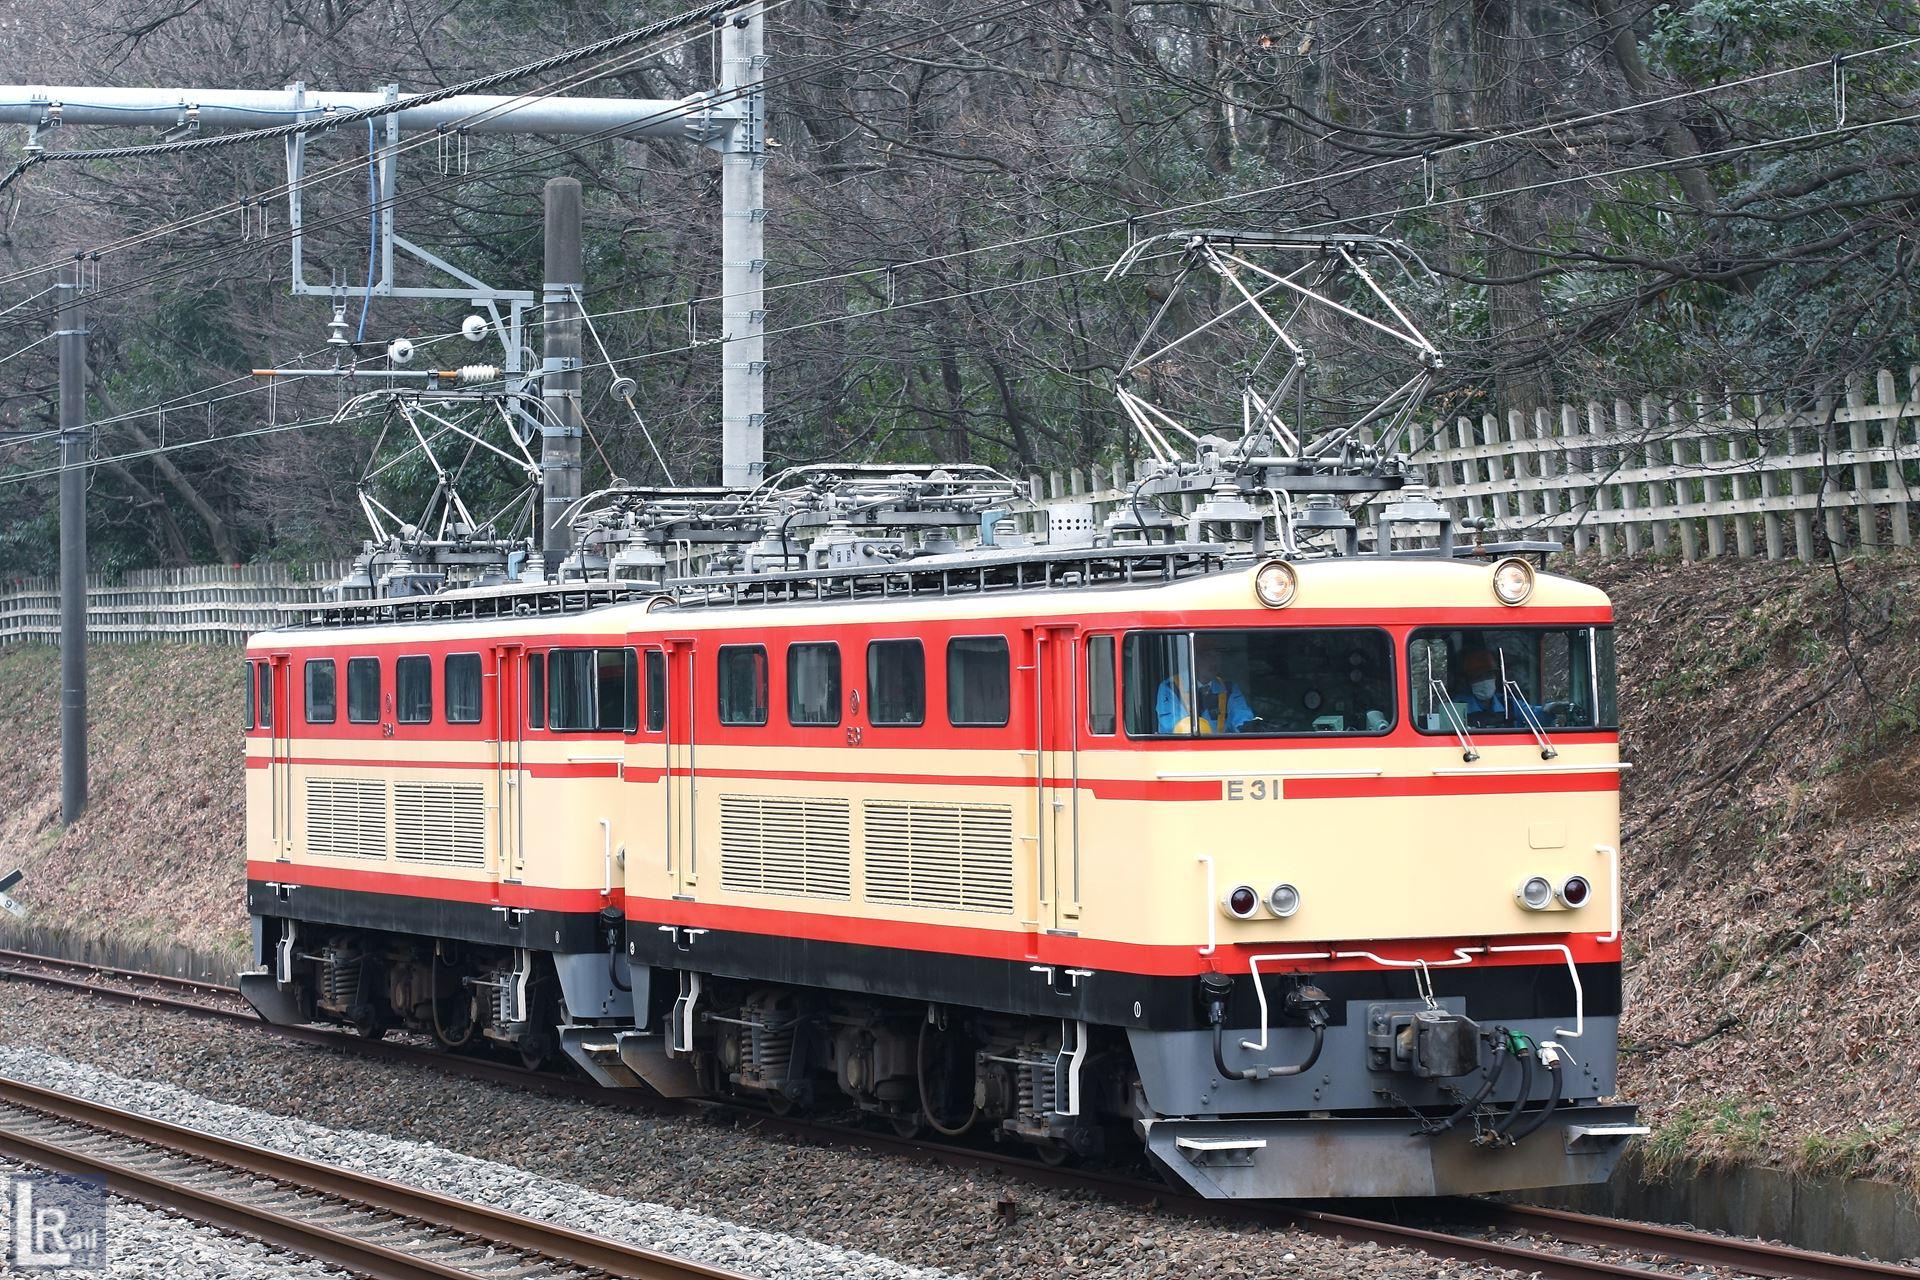 新秋津からJR連絡線を経由して武蔵丘へ返却されるE31重単